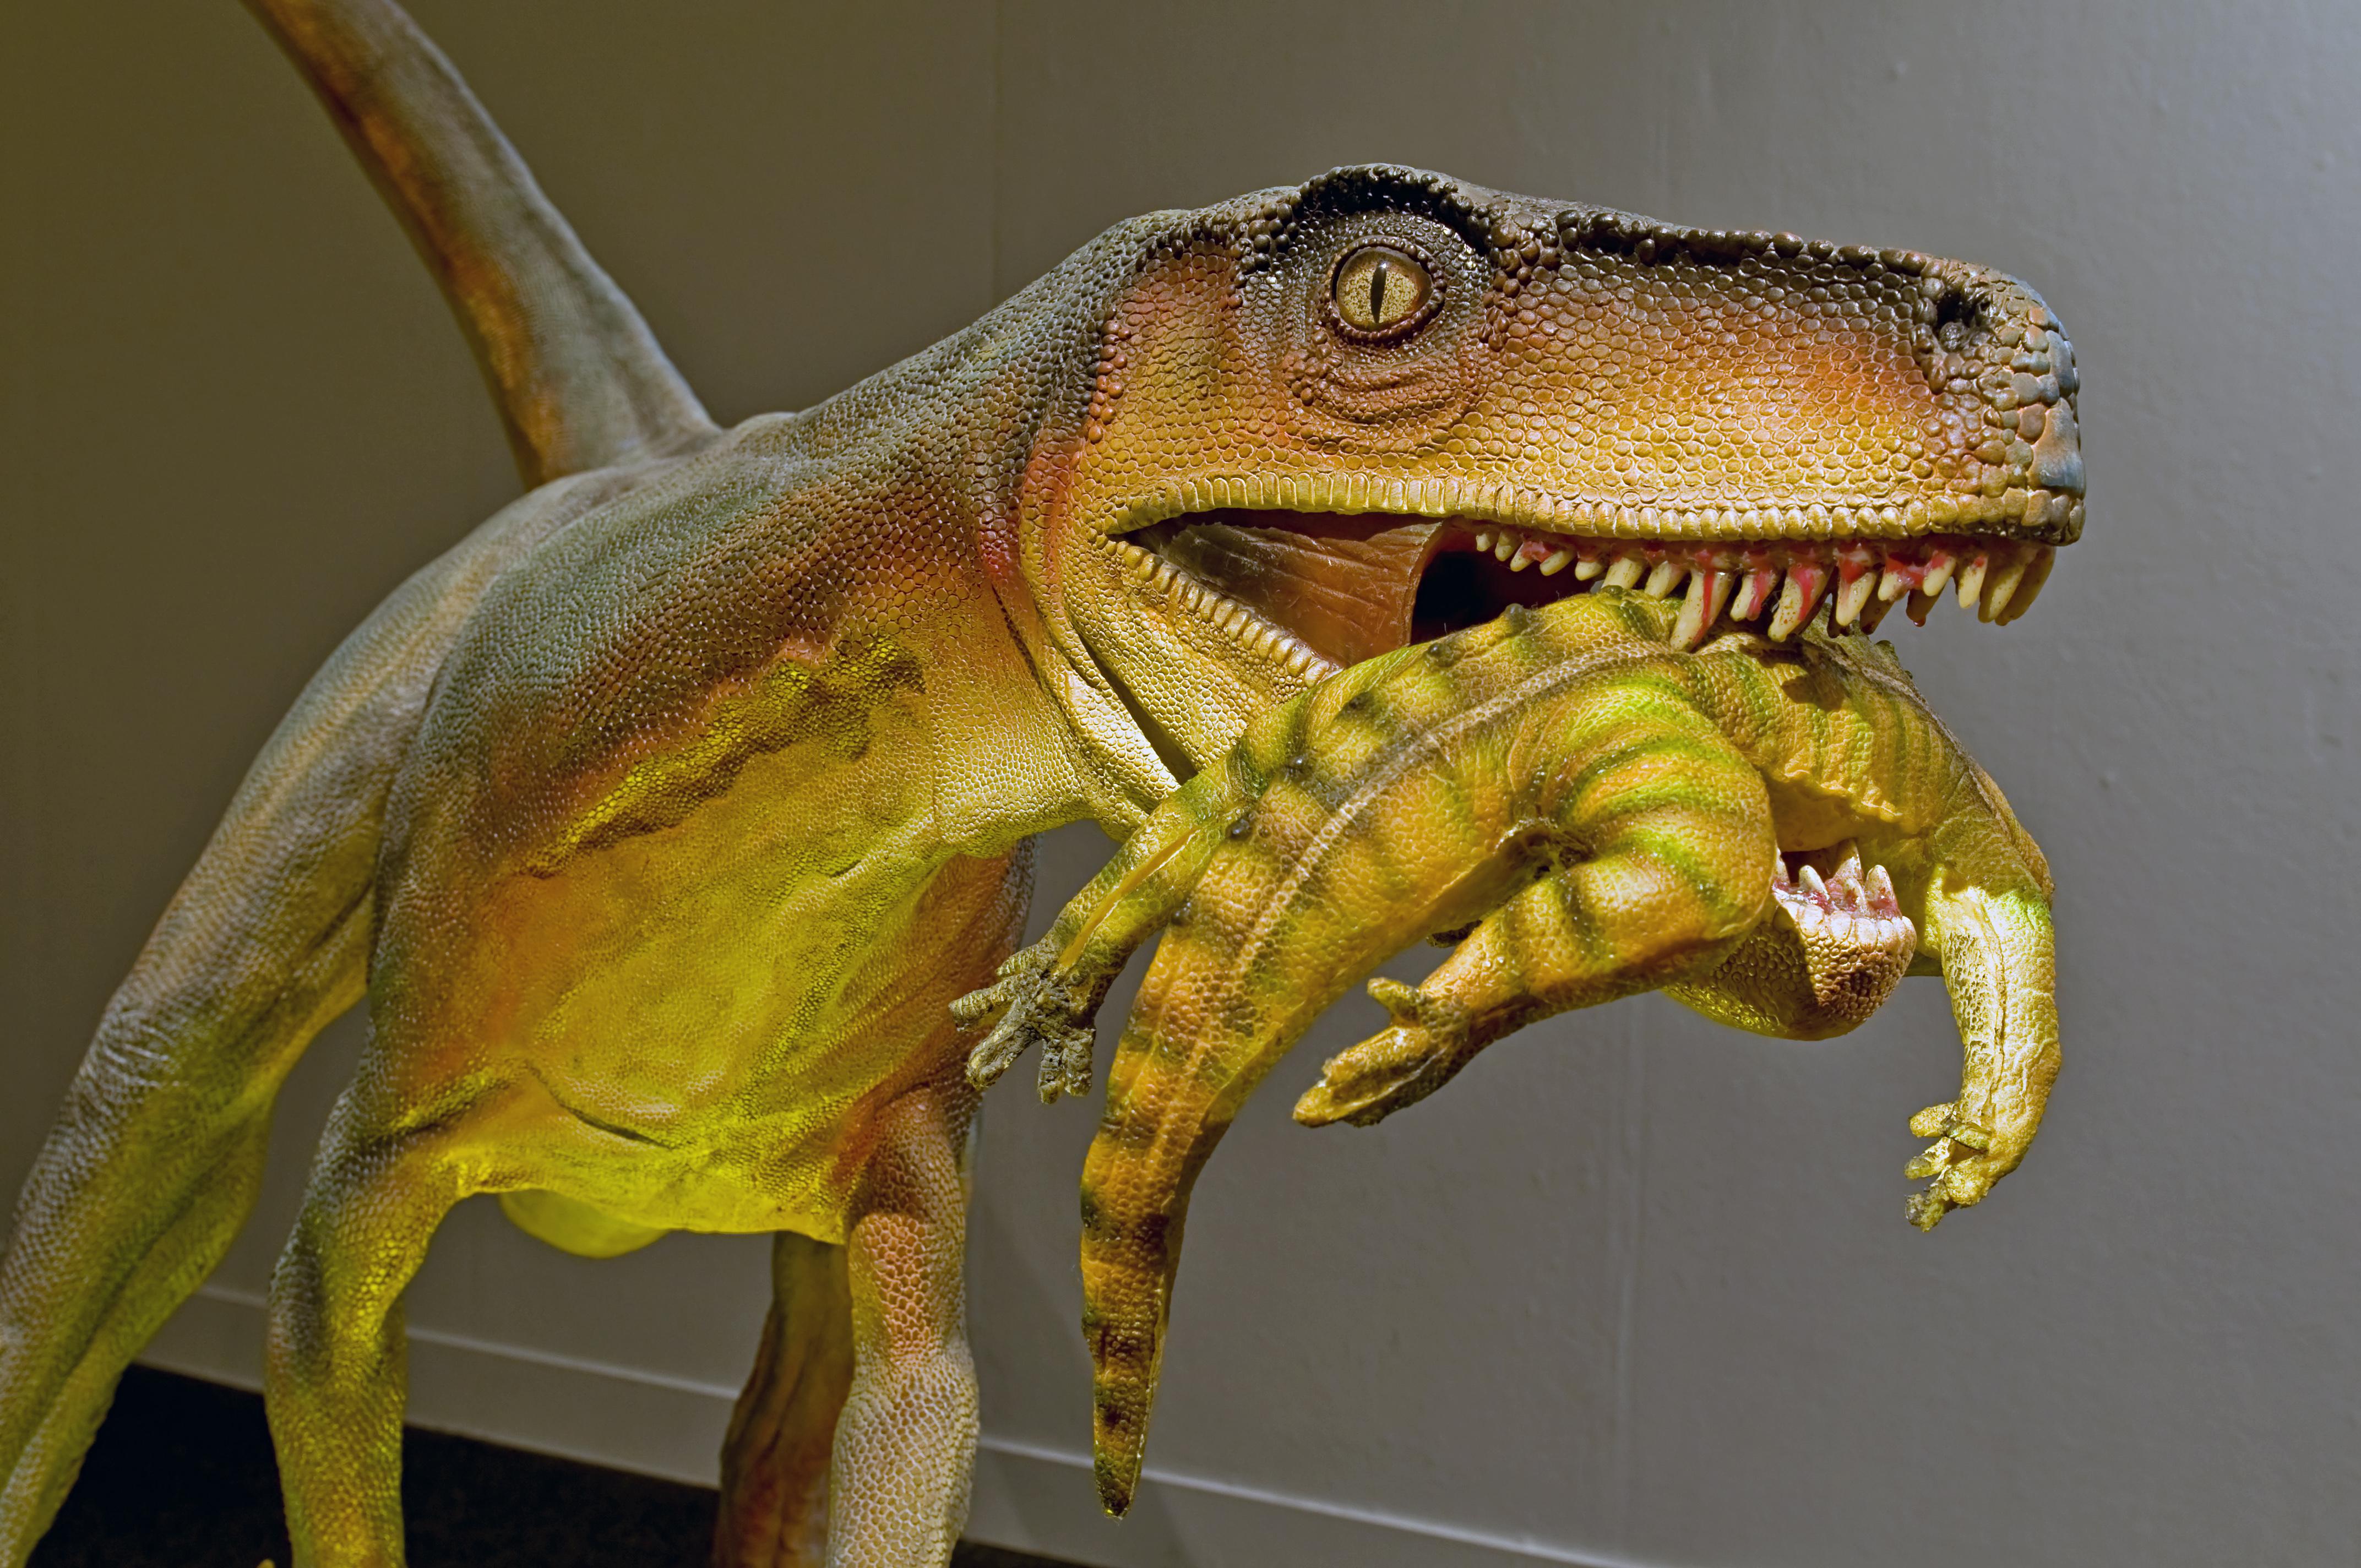 Herrerasaurus_ischigualastensis_DSC_6182.jpg